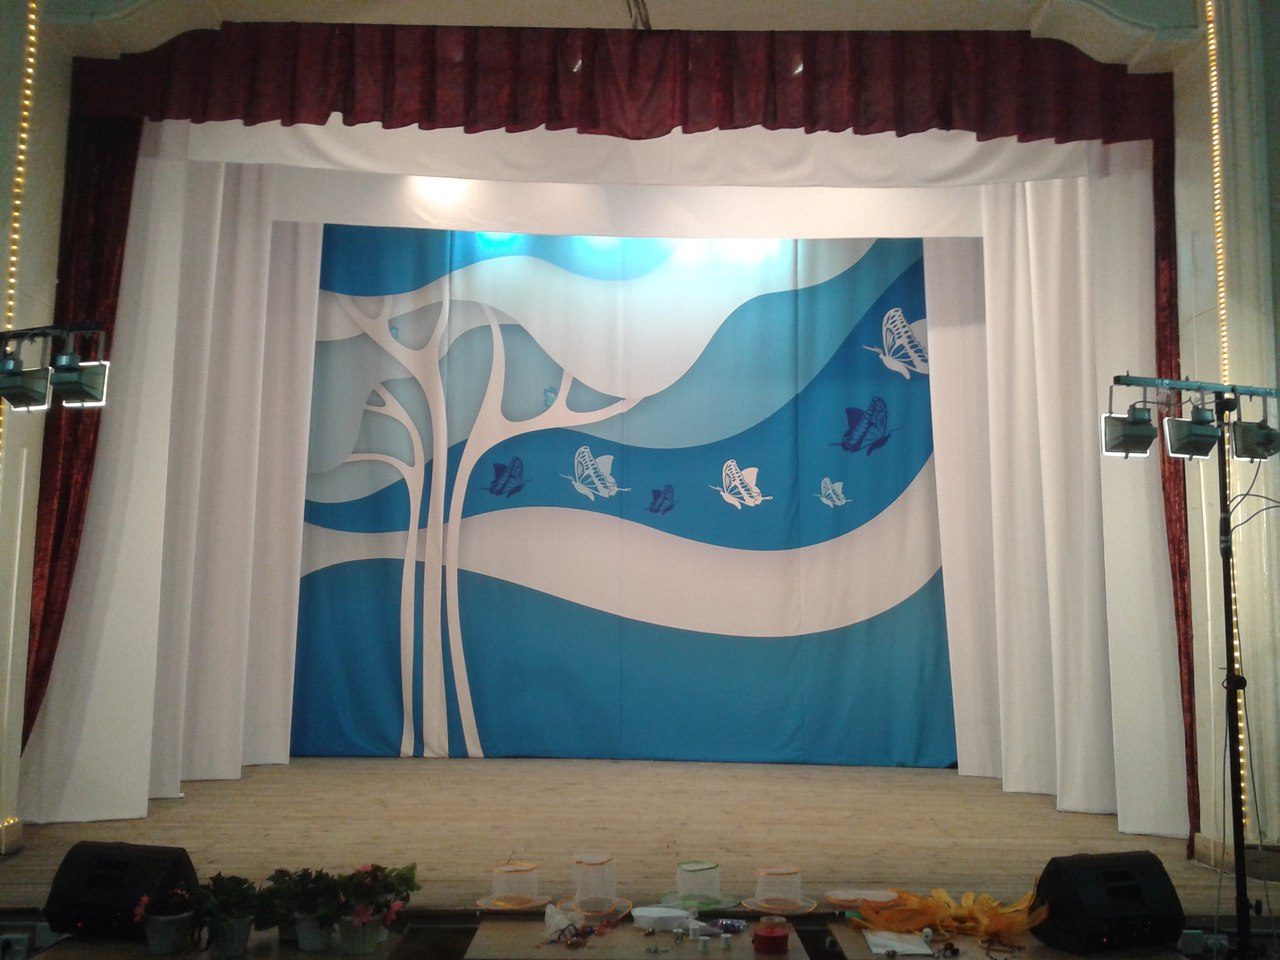 Оформление декорации задника сцены театра